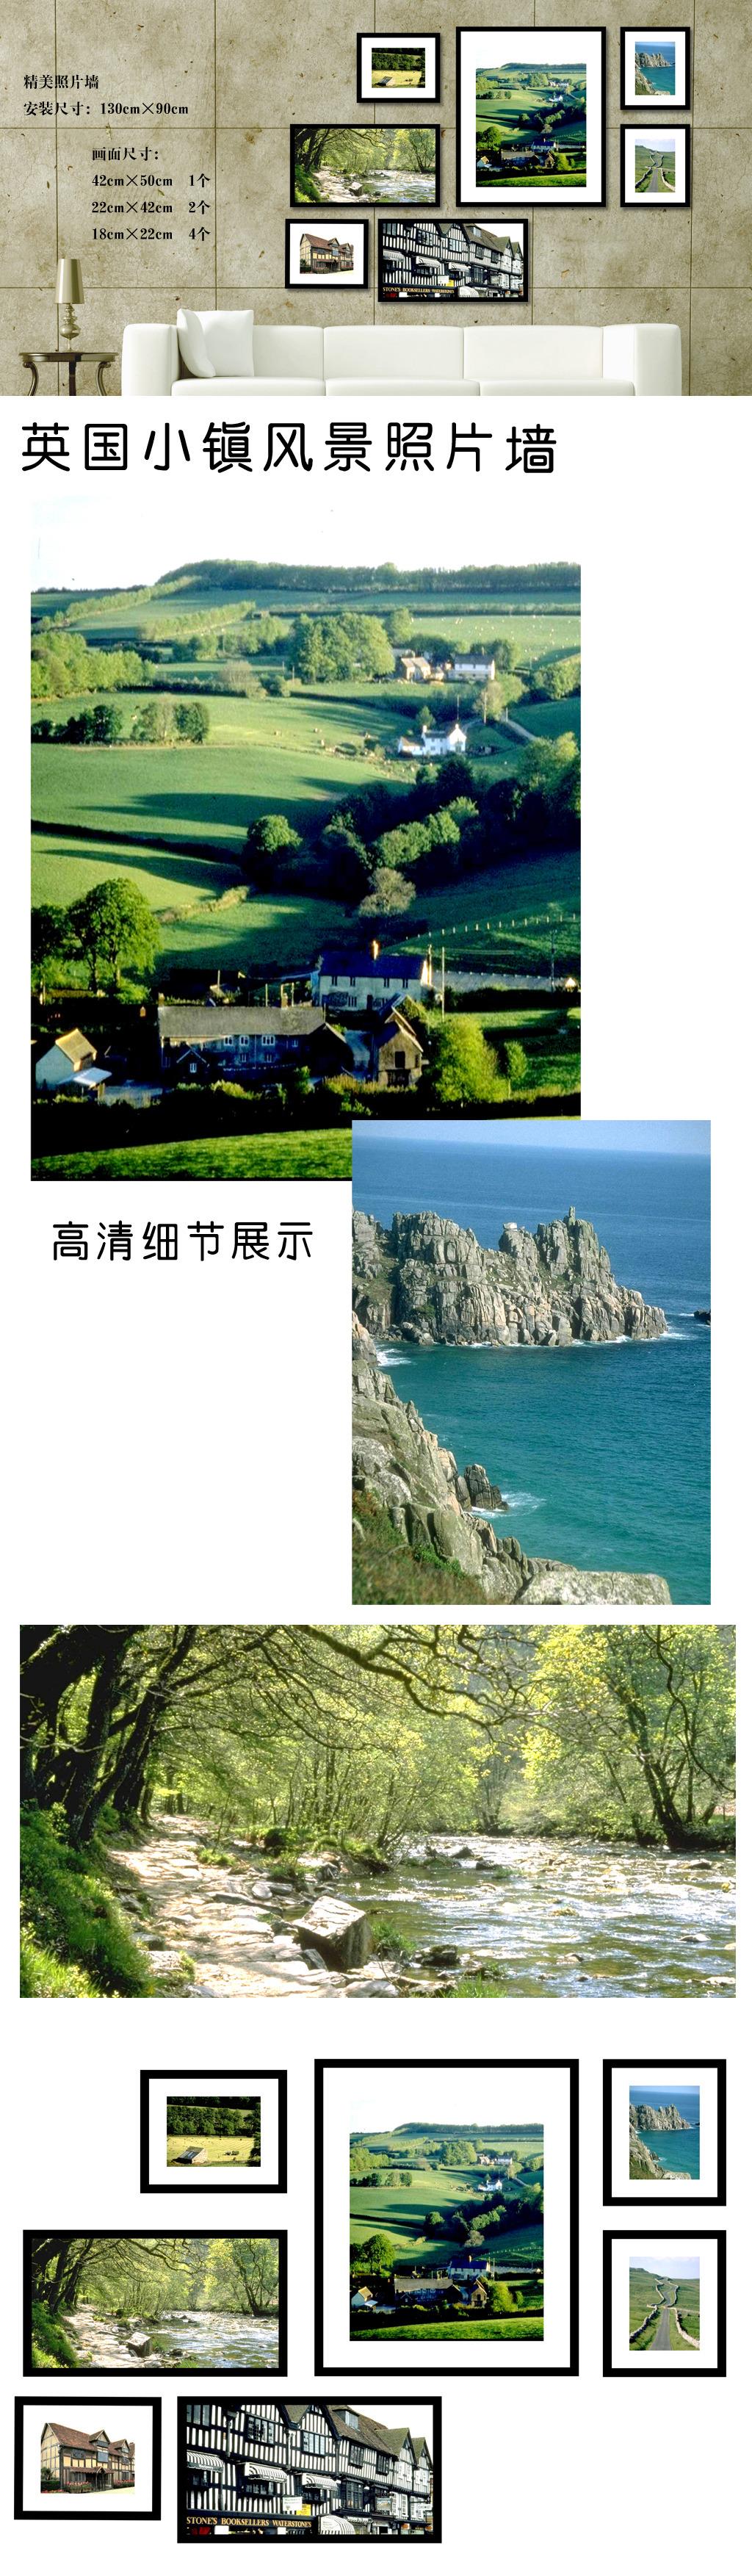 英国小镇风景照片墙模板照片下载